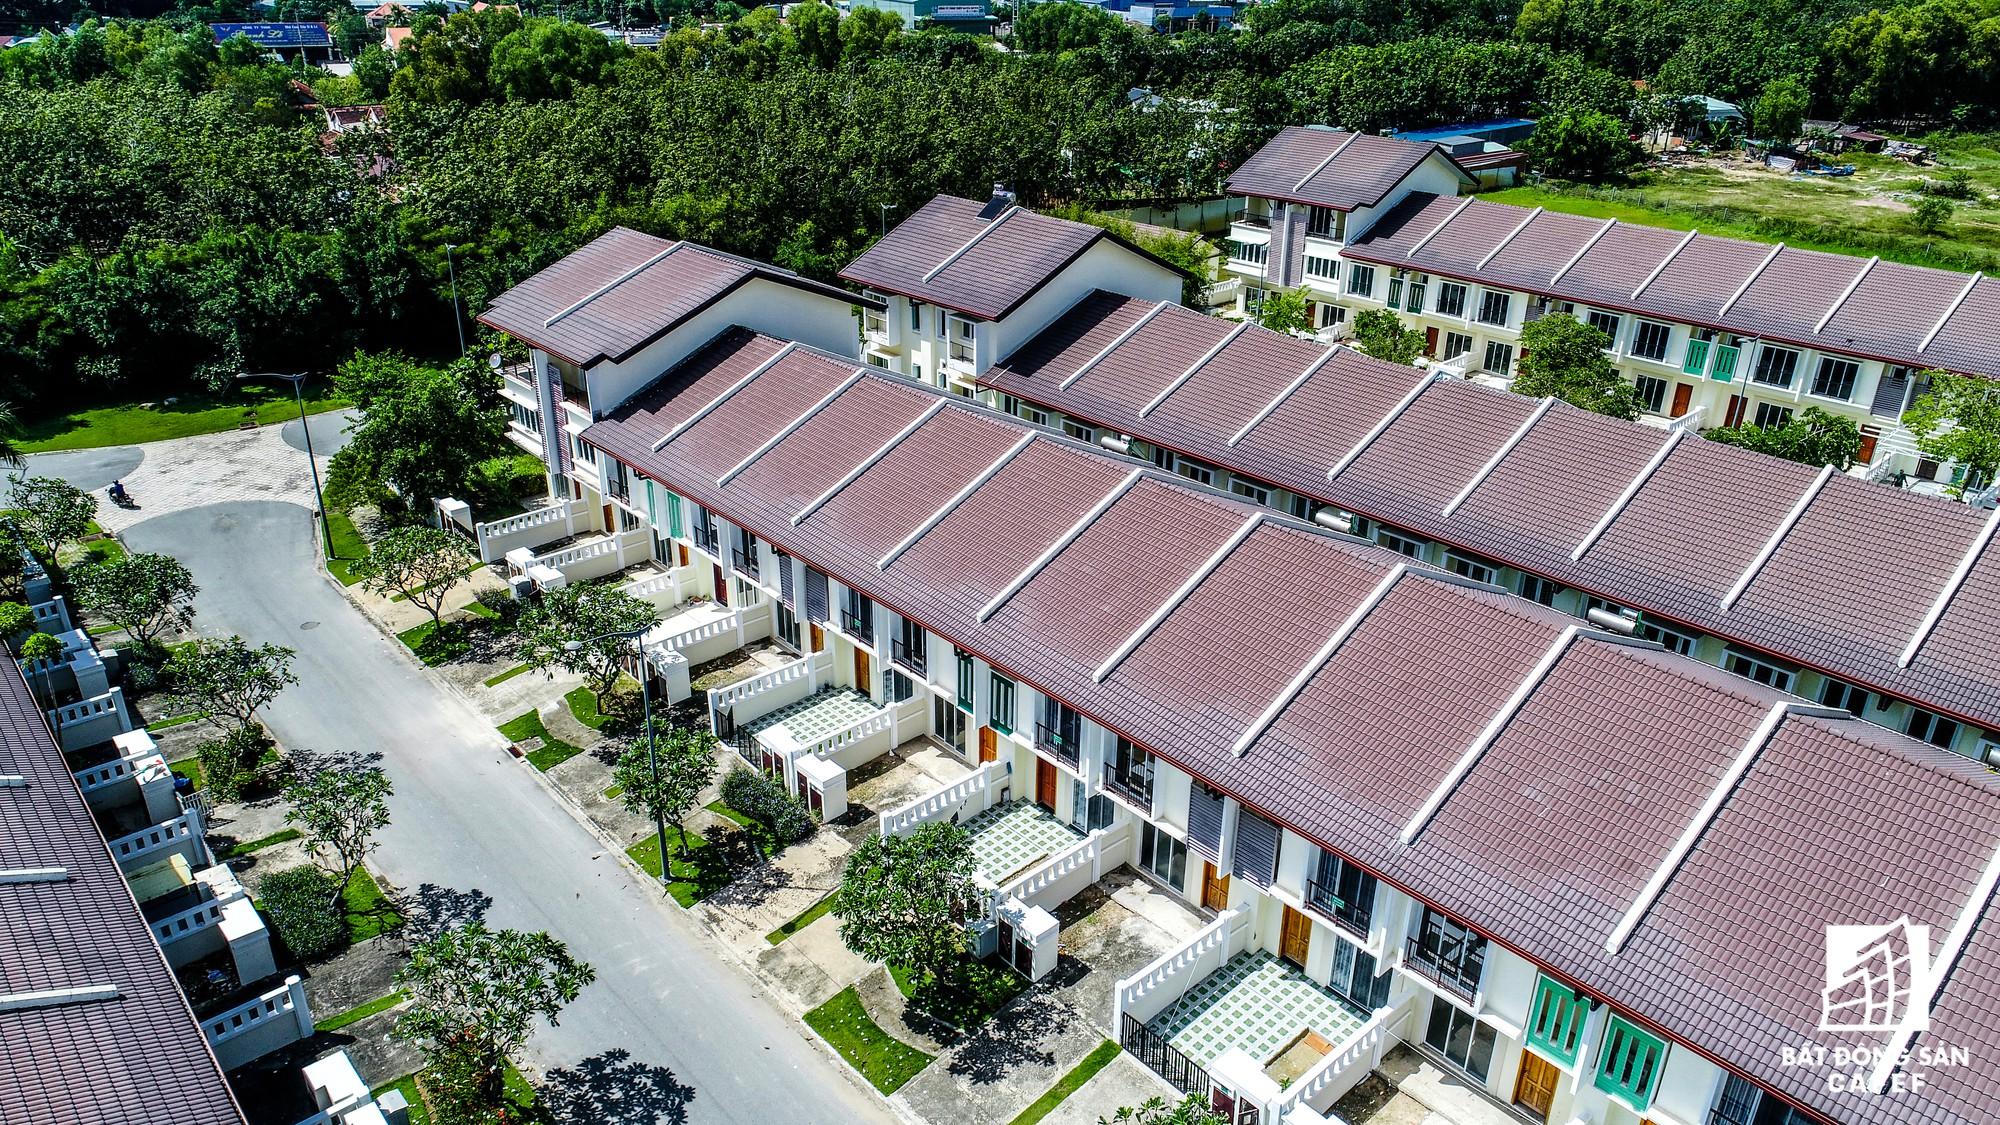 Dãy biệt thự khang trang tại Ecolakes được đưa vào sử dụng hơn 5 năm nay, tuy nhiên số lượng cư dân sinh sống hiện rất ít, chủ yếu là chuyên gia nước ngoài thuê lại.